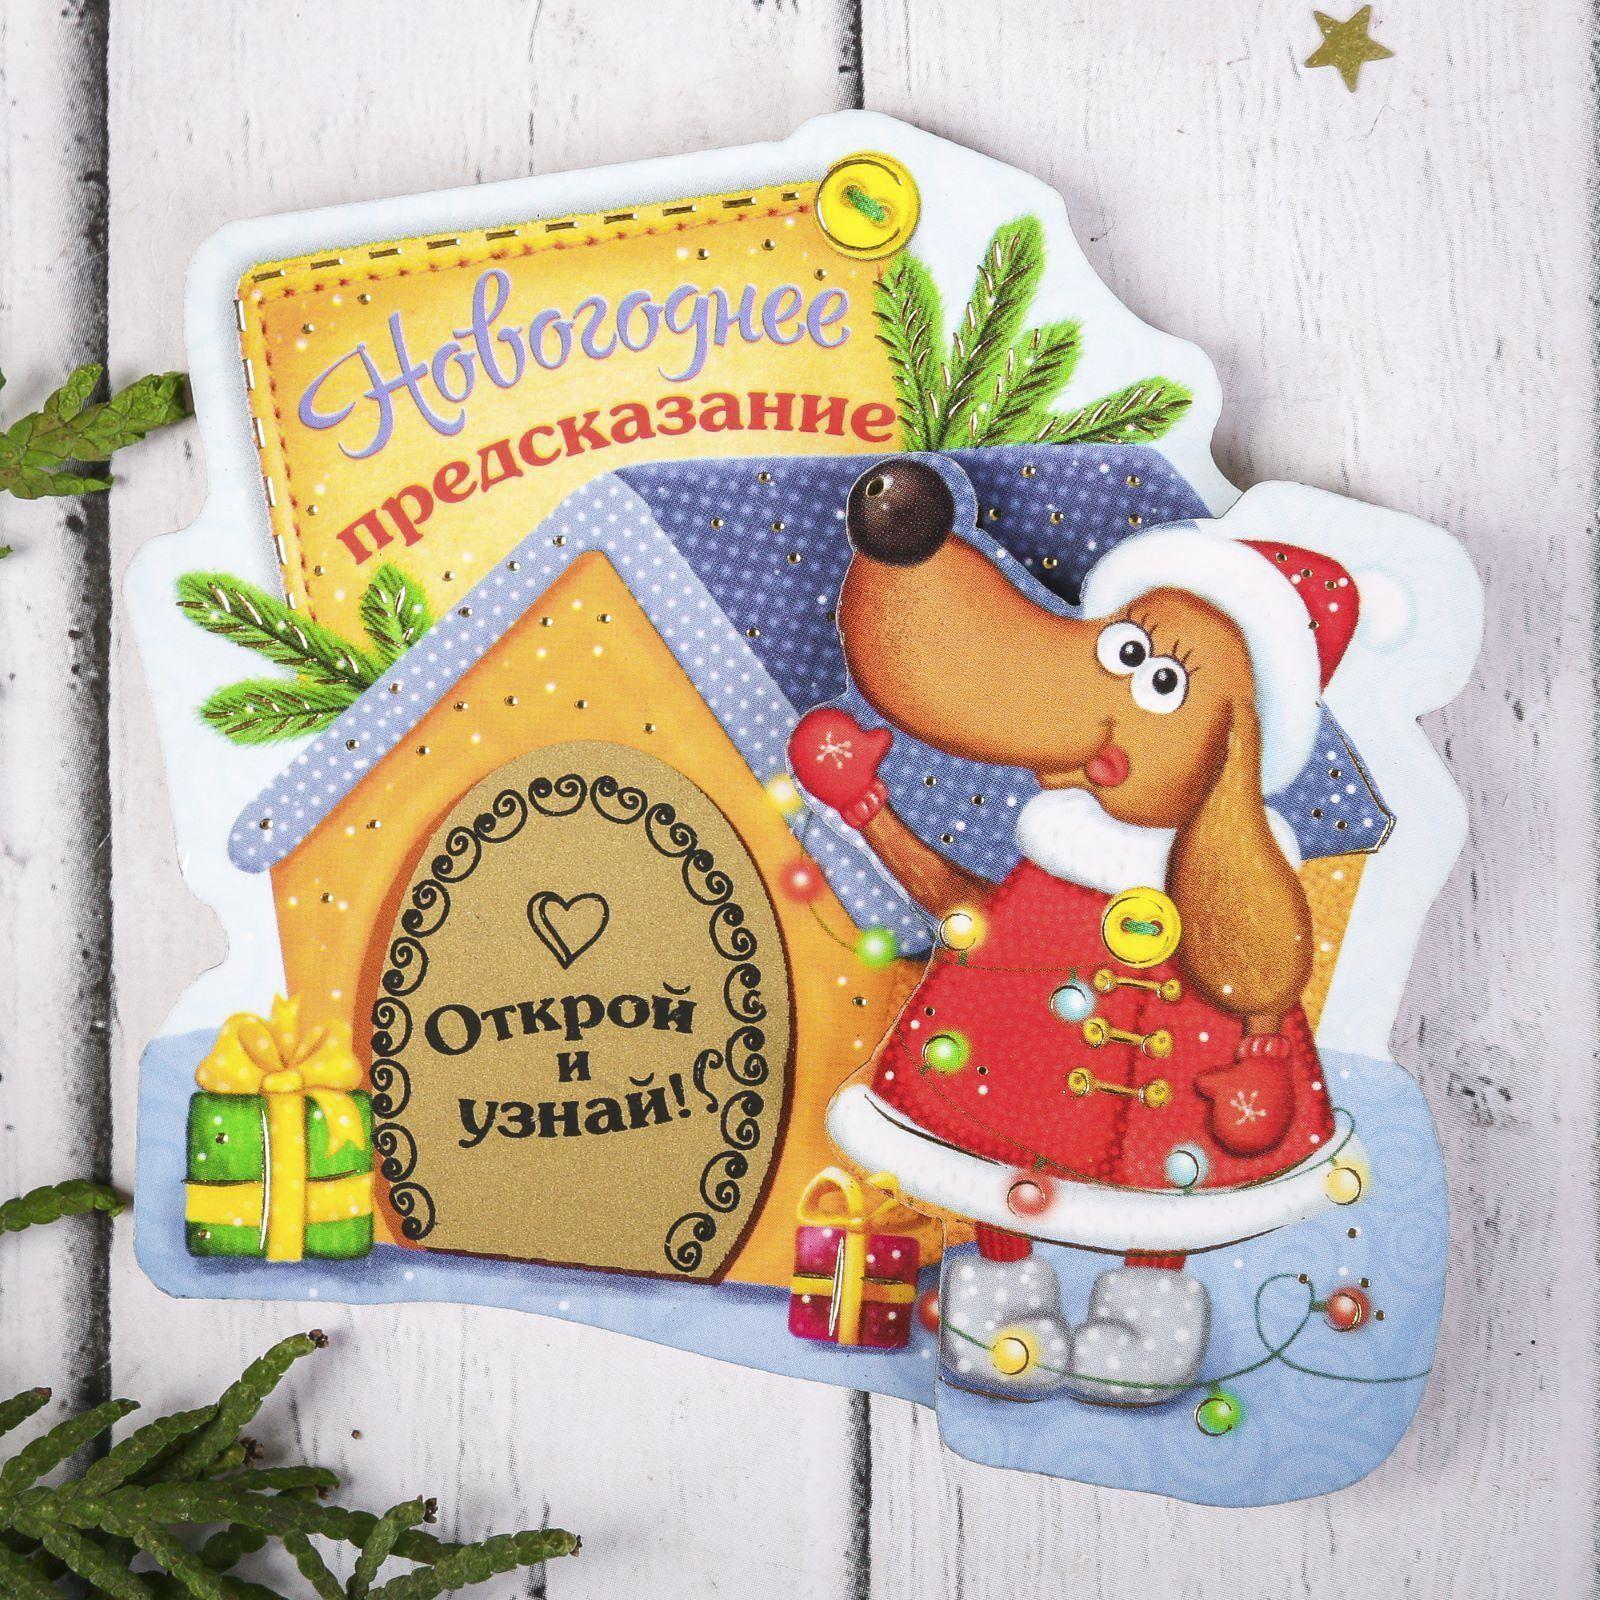 Магнит Sima-land Новогоднее предсказание, со скретч-слоем, 8,5 х 8,5 см2018431Порадуйте родных и близких оригинальным сувениром: преподнесите в подарок магнит. С ним даже самый серьёзный человек почувствует себя ребёнком, ожидающим чудо! Создайте праздничное настроение, и оно останется с вами на весь год.